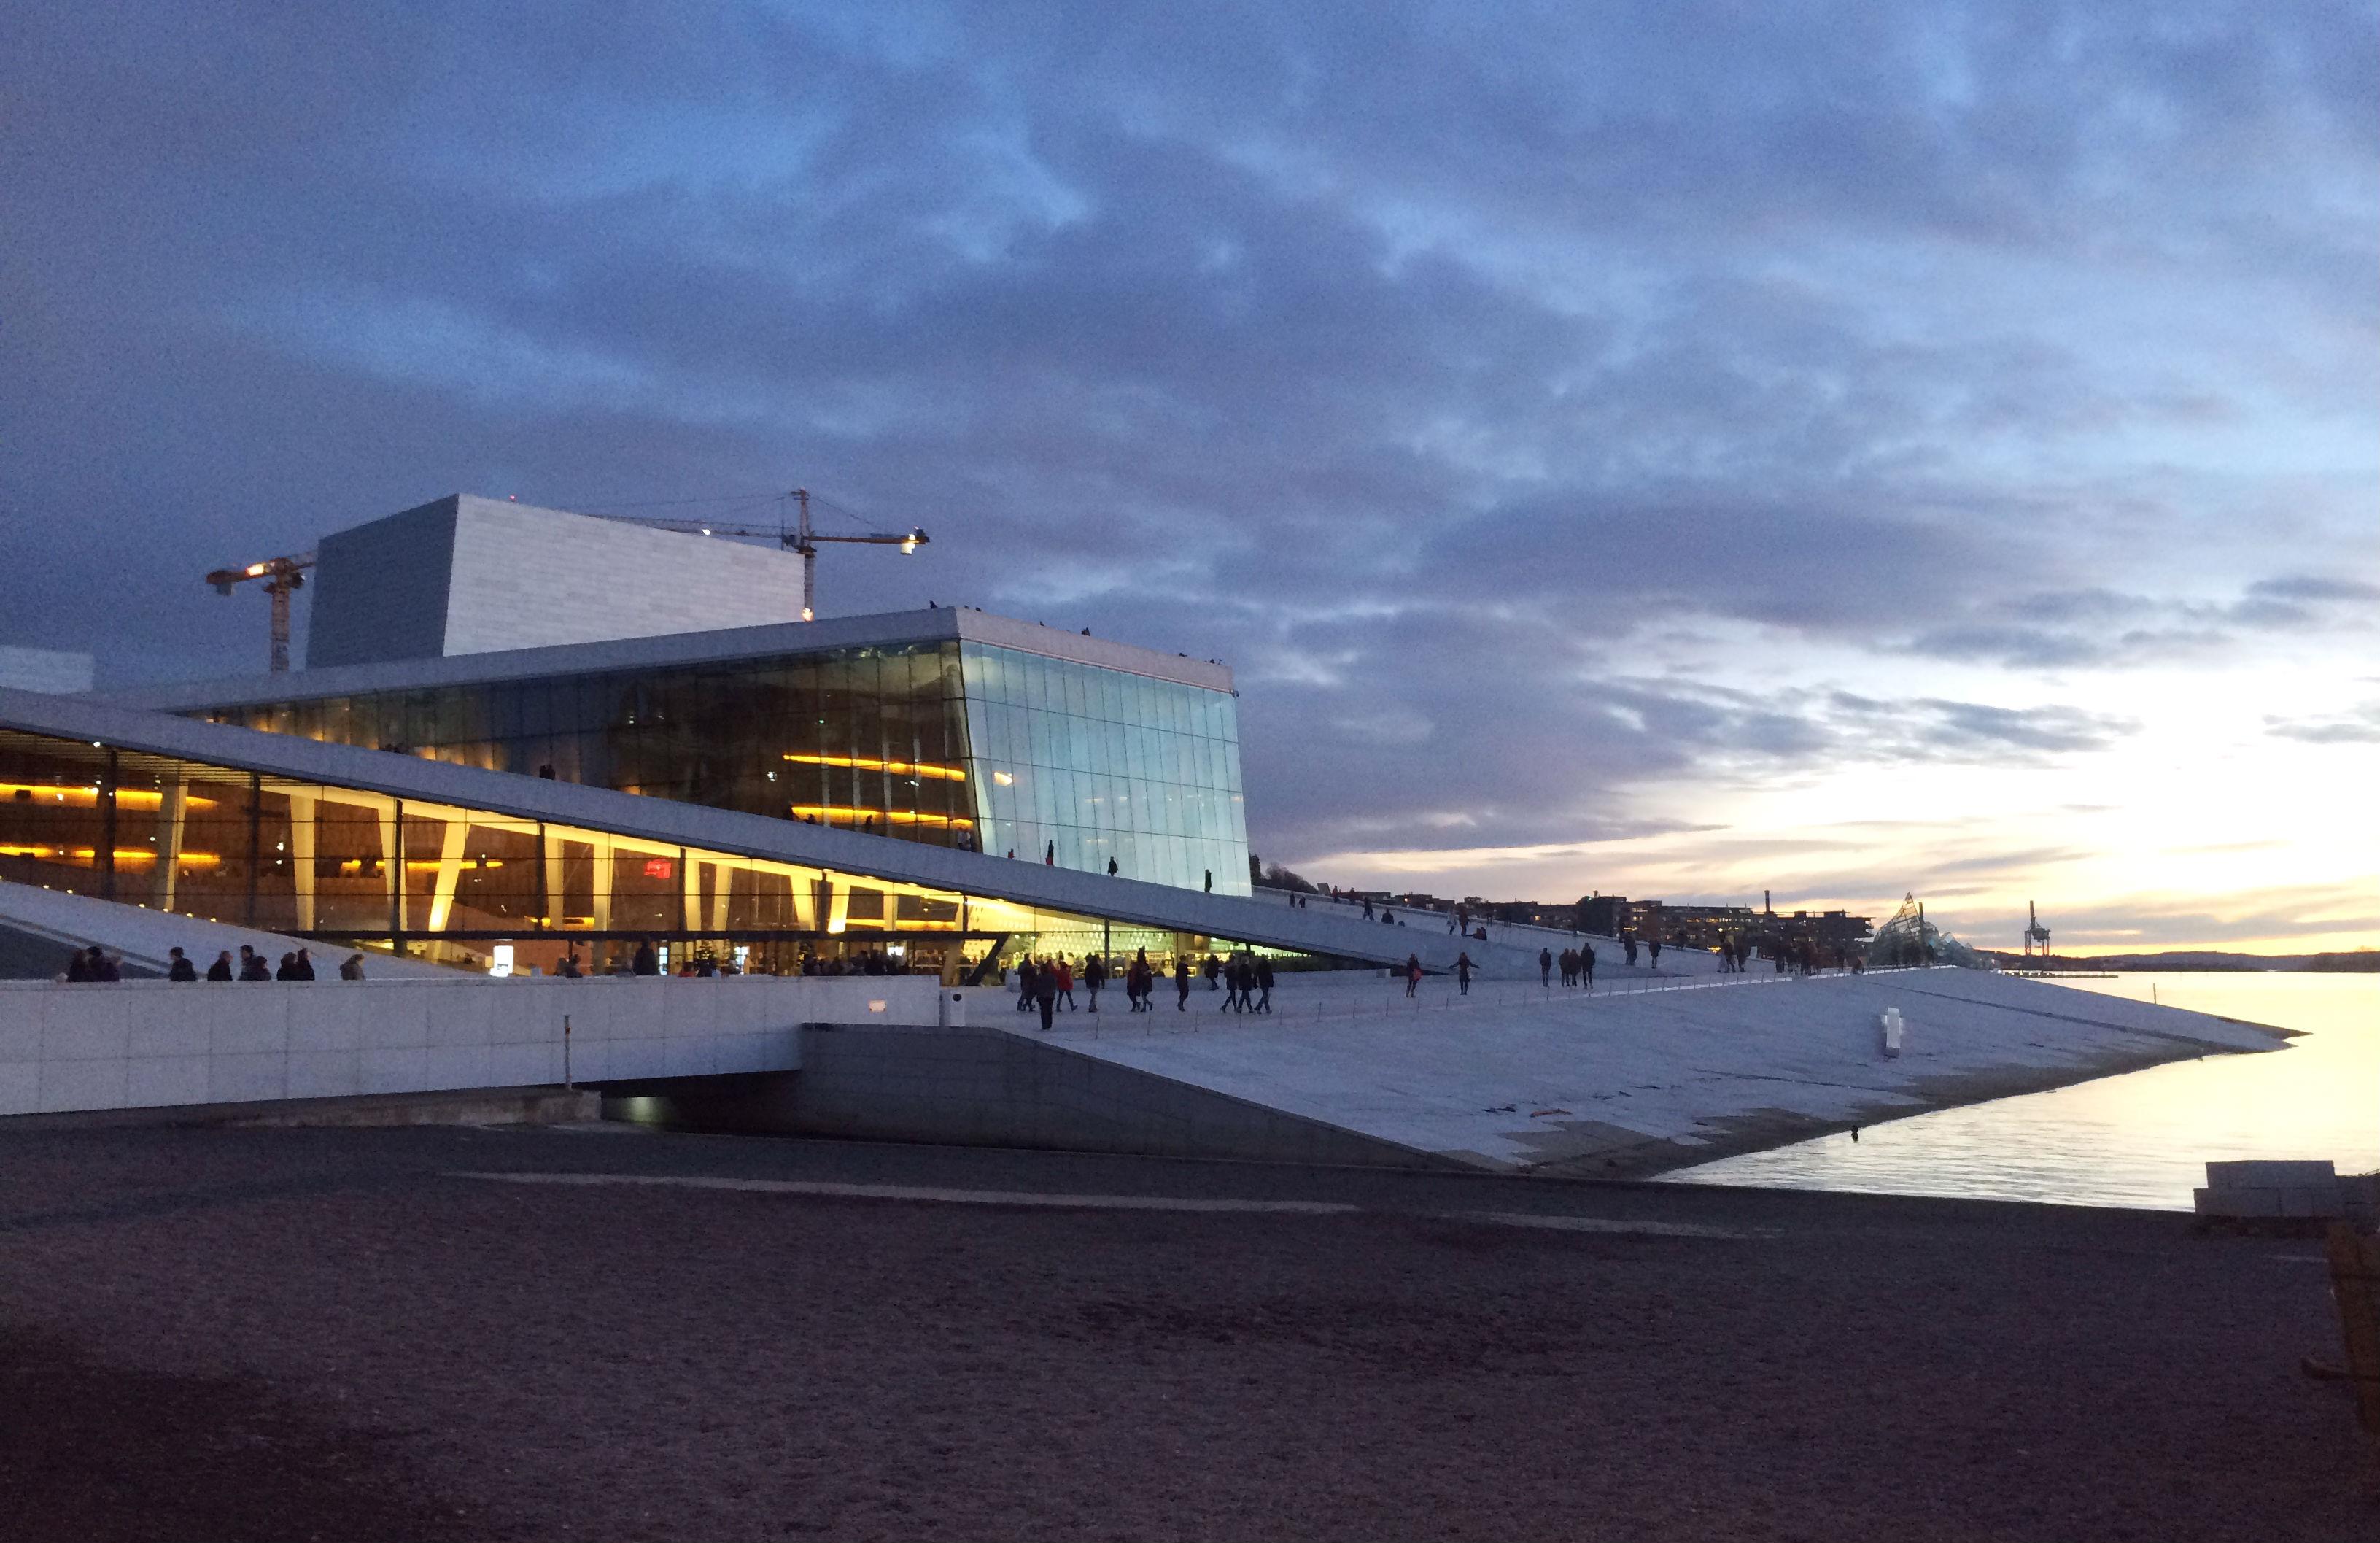 De publiekstrekker het Nationaal Ballet en Opera gebouw in de haven van Oslo.